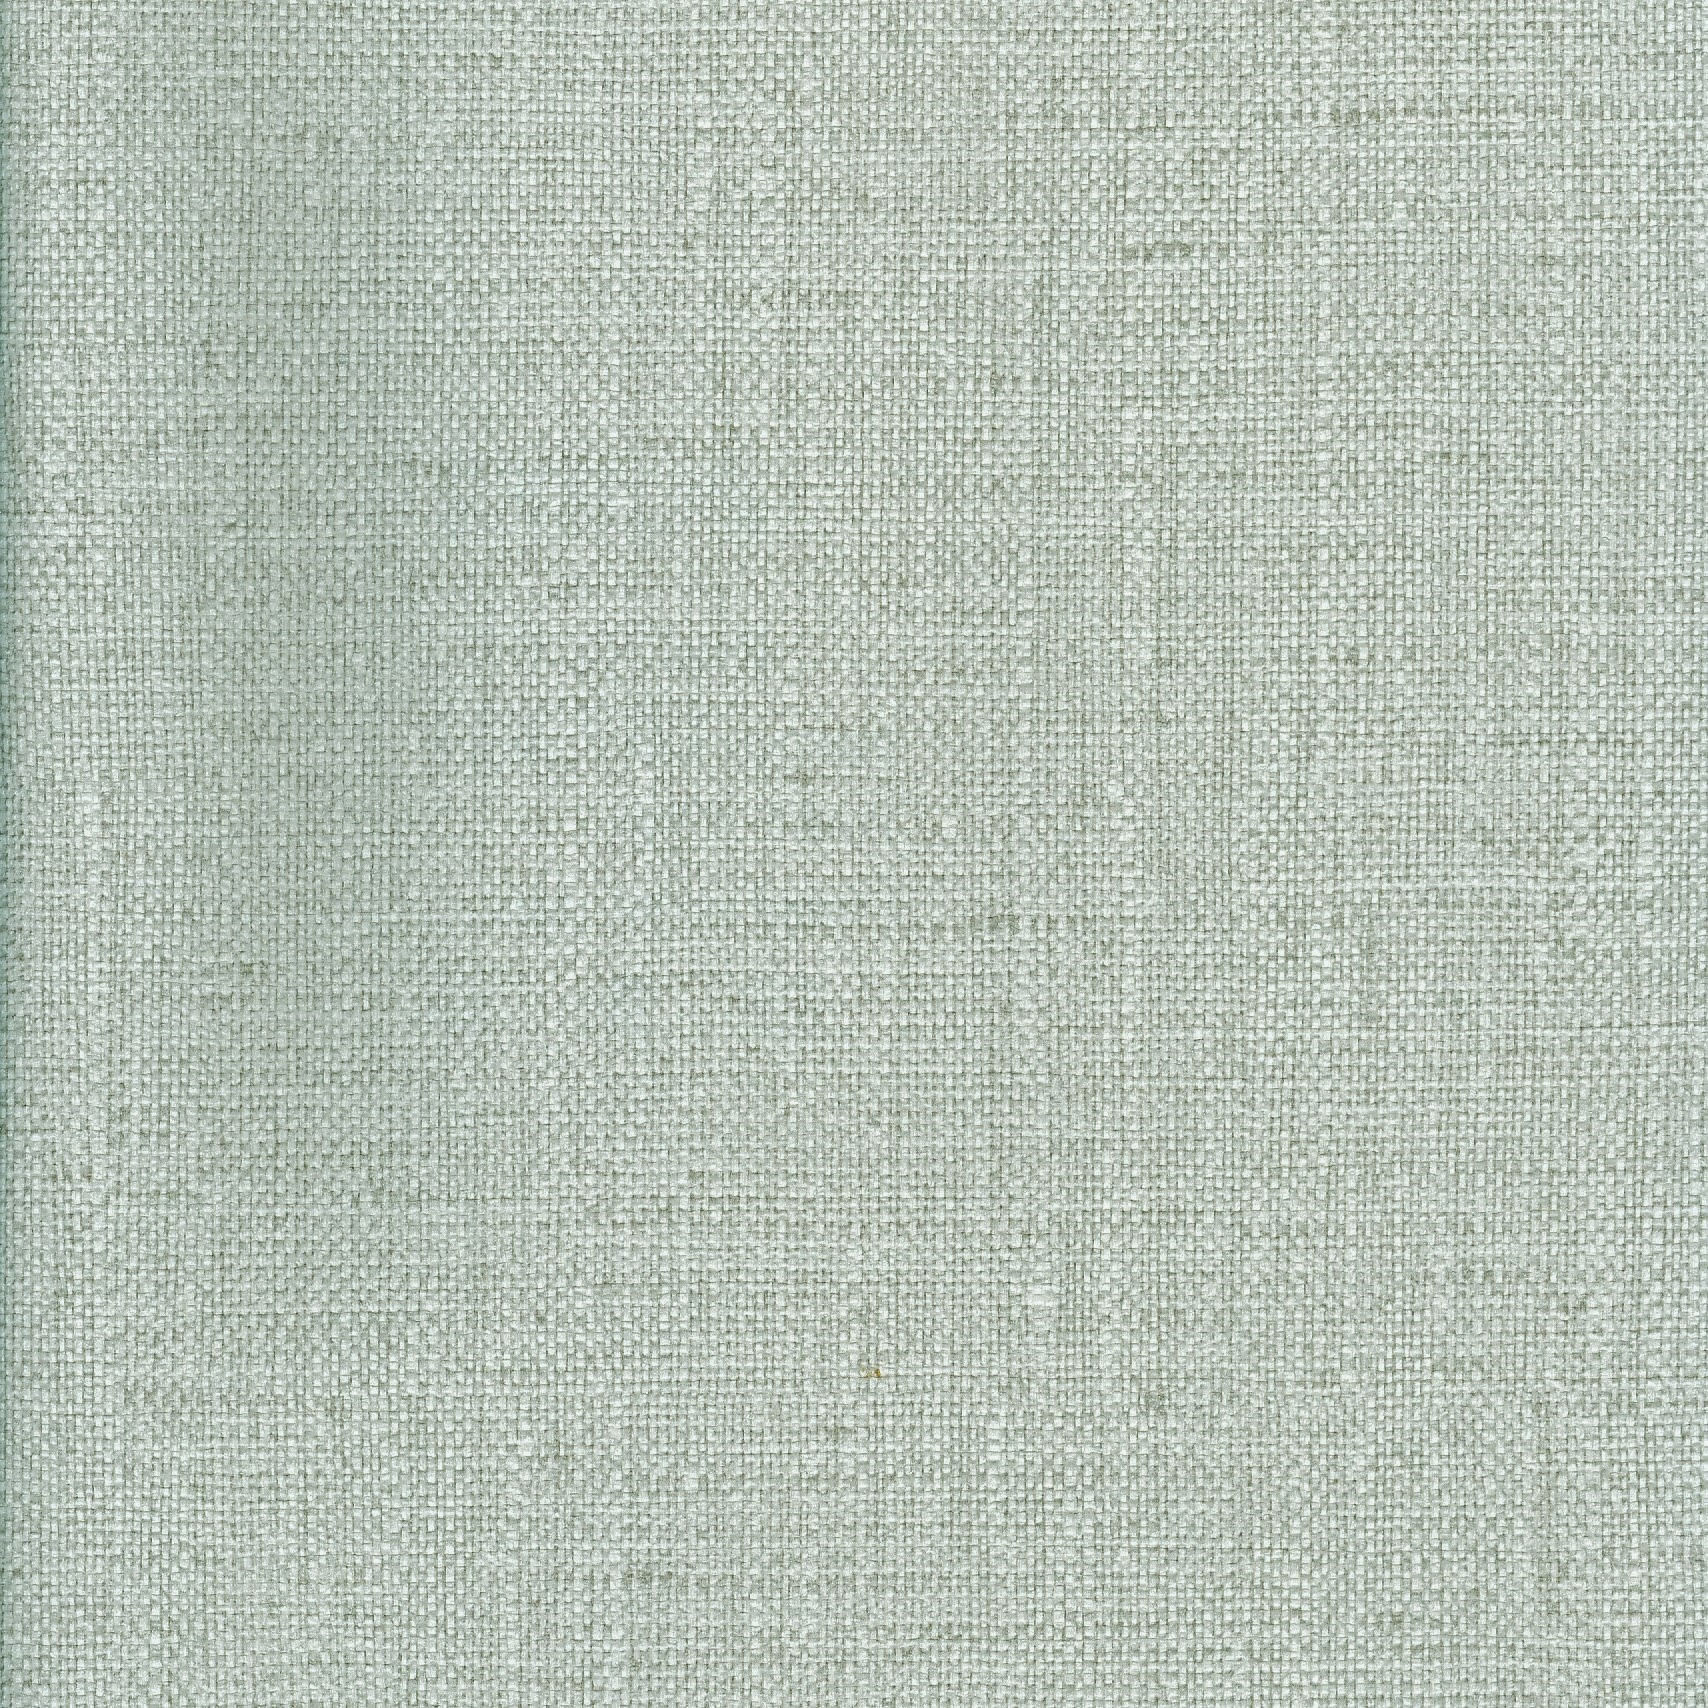 Papel de Parede Pure 2 Aspecto Têxtil 187301 - Rolo: 10m x 0,53m